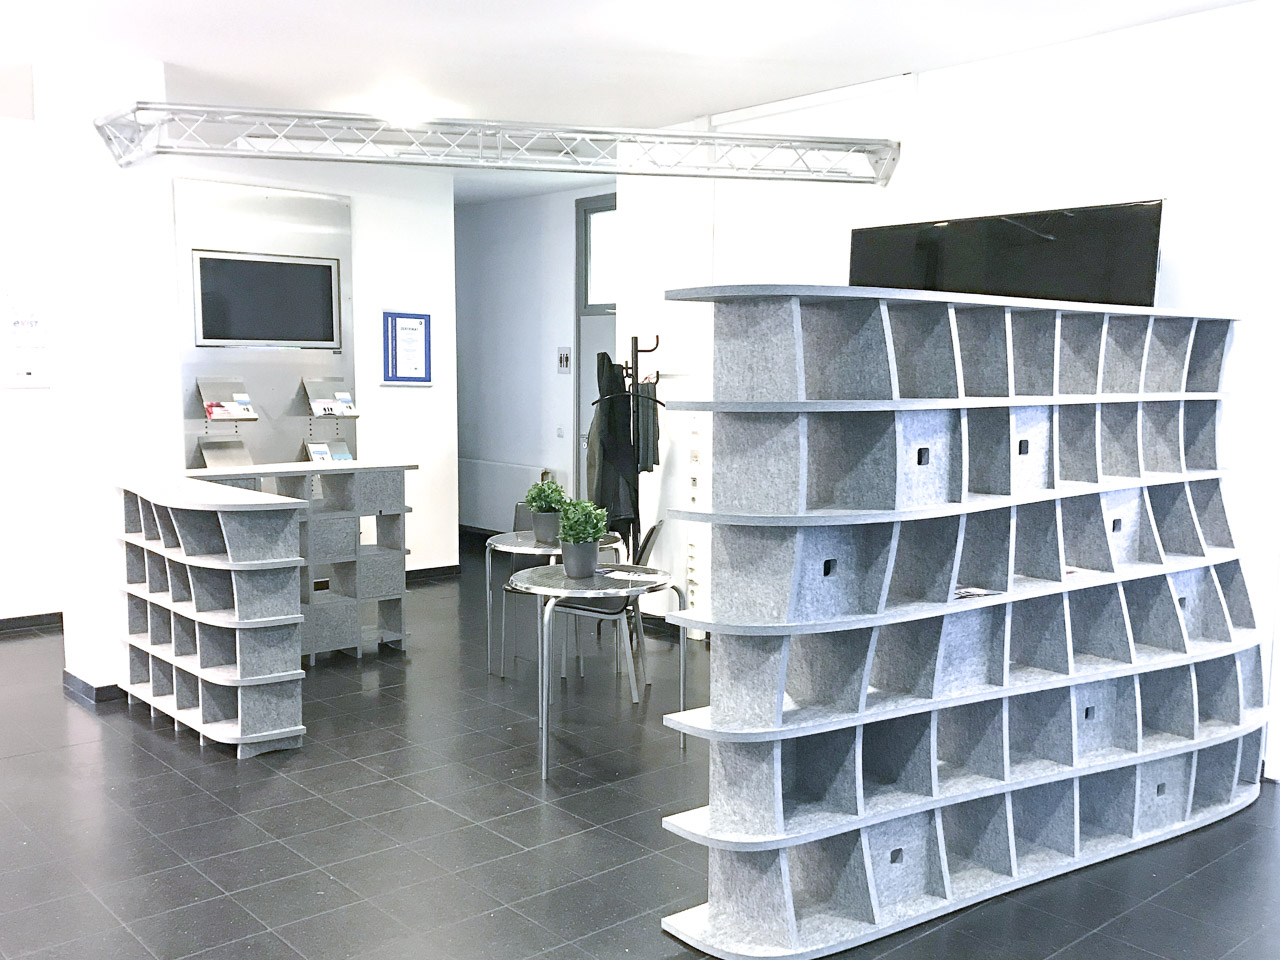 Akustikmöbel von AkustikKompetenz stehen fertig aufgebaut in einem Eingangsbereich eines Büros.